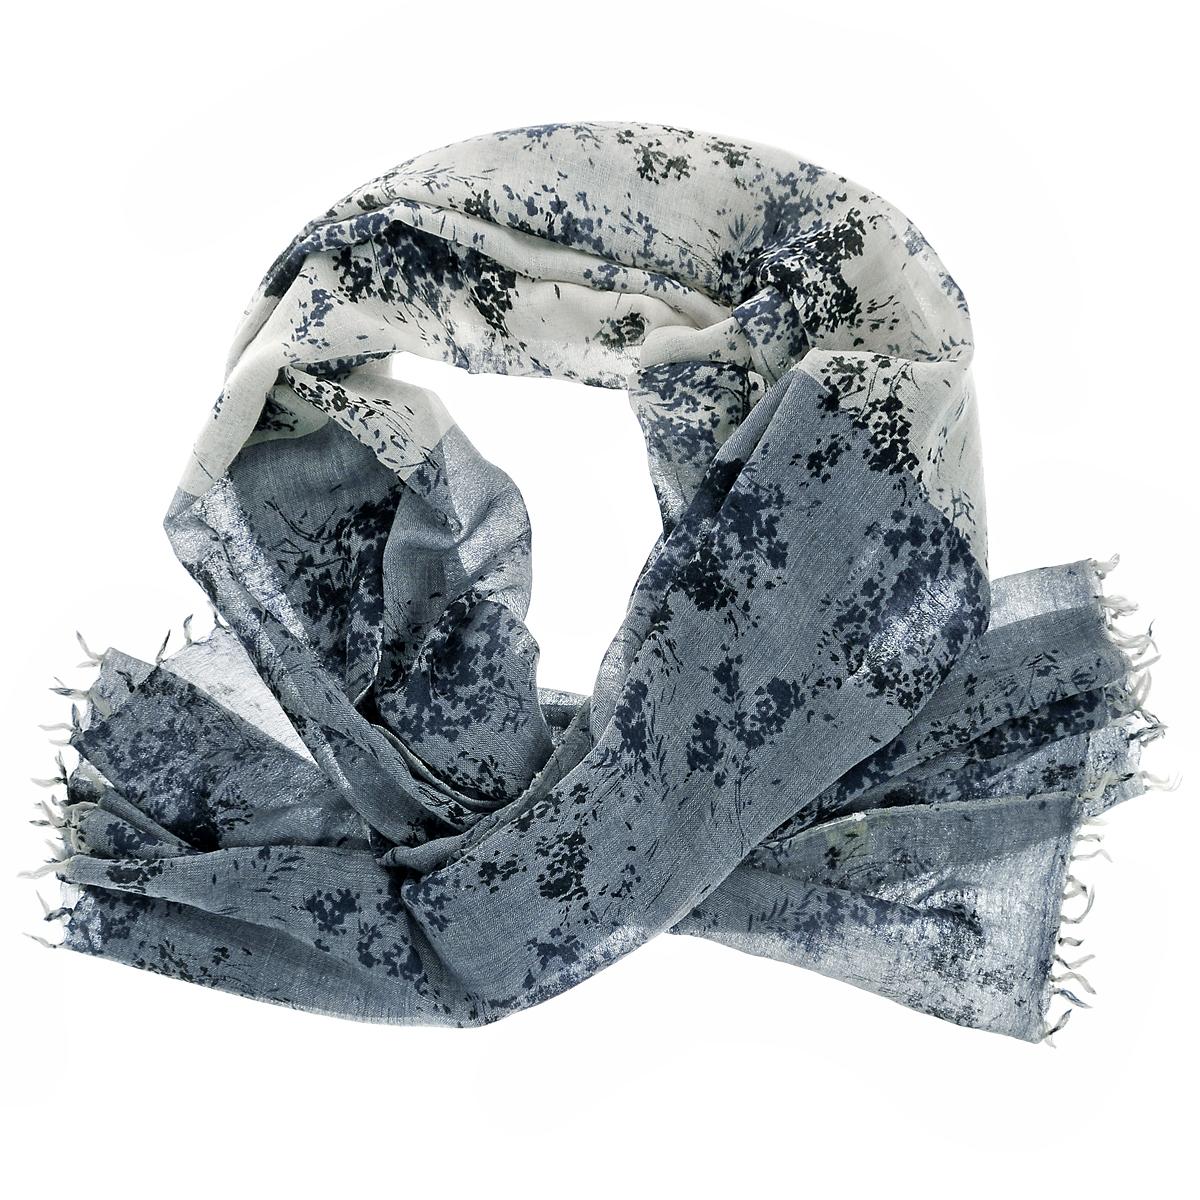 Палантин. ZW-LAVEFLOWZW-LAVEFLOW/BLUEСтильный палантин Michel Katana согреет в холодное время года, а также станет изысканным аксессуаром, который призван подчеркнуть вашу индивидуальность и стиль. Палантин выполнен из шерсти и декорирован принтом. По краям изделие оформлено кистями.